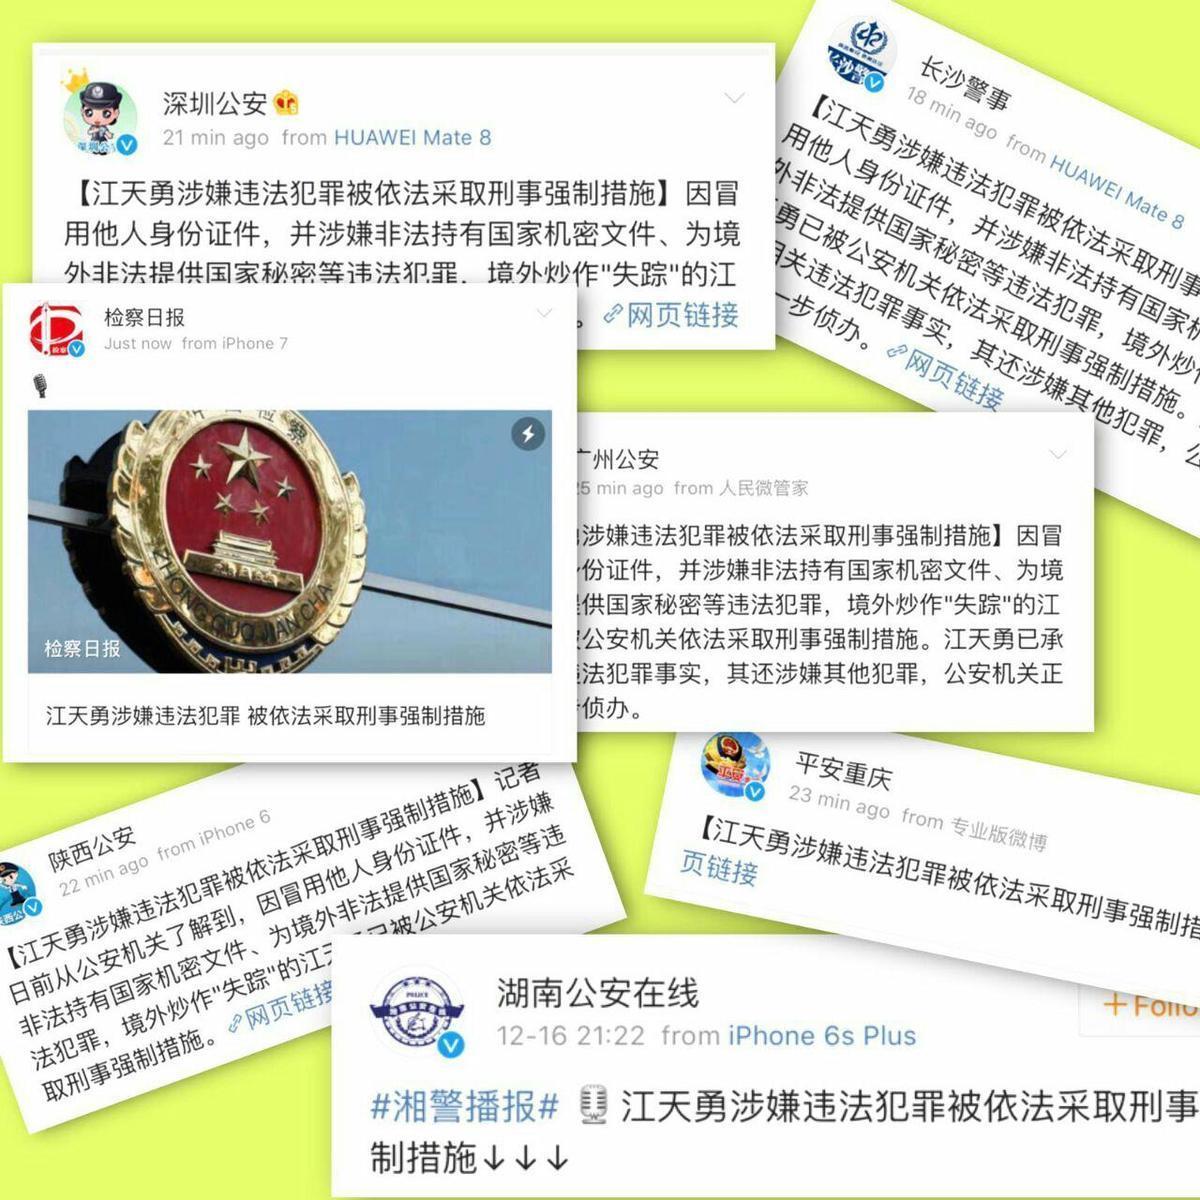 中共官媒突然刊登江天勇的消息,稱其被採取強制措施。(網路圖片)